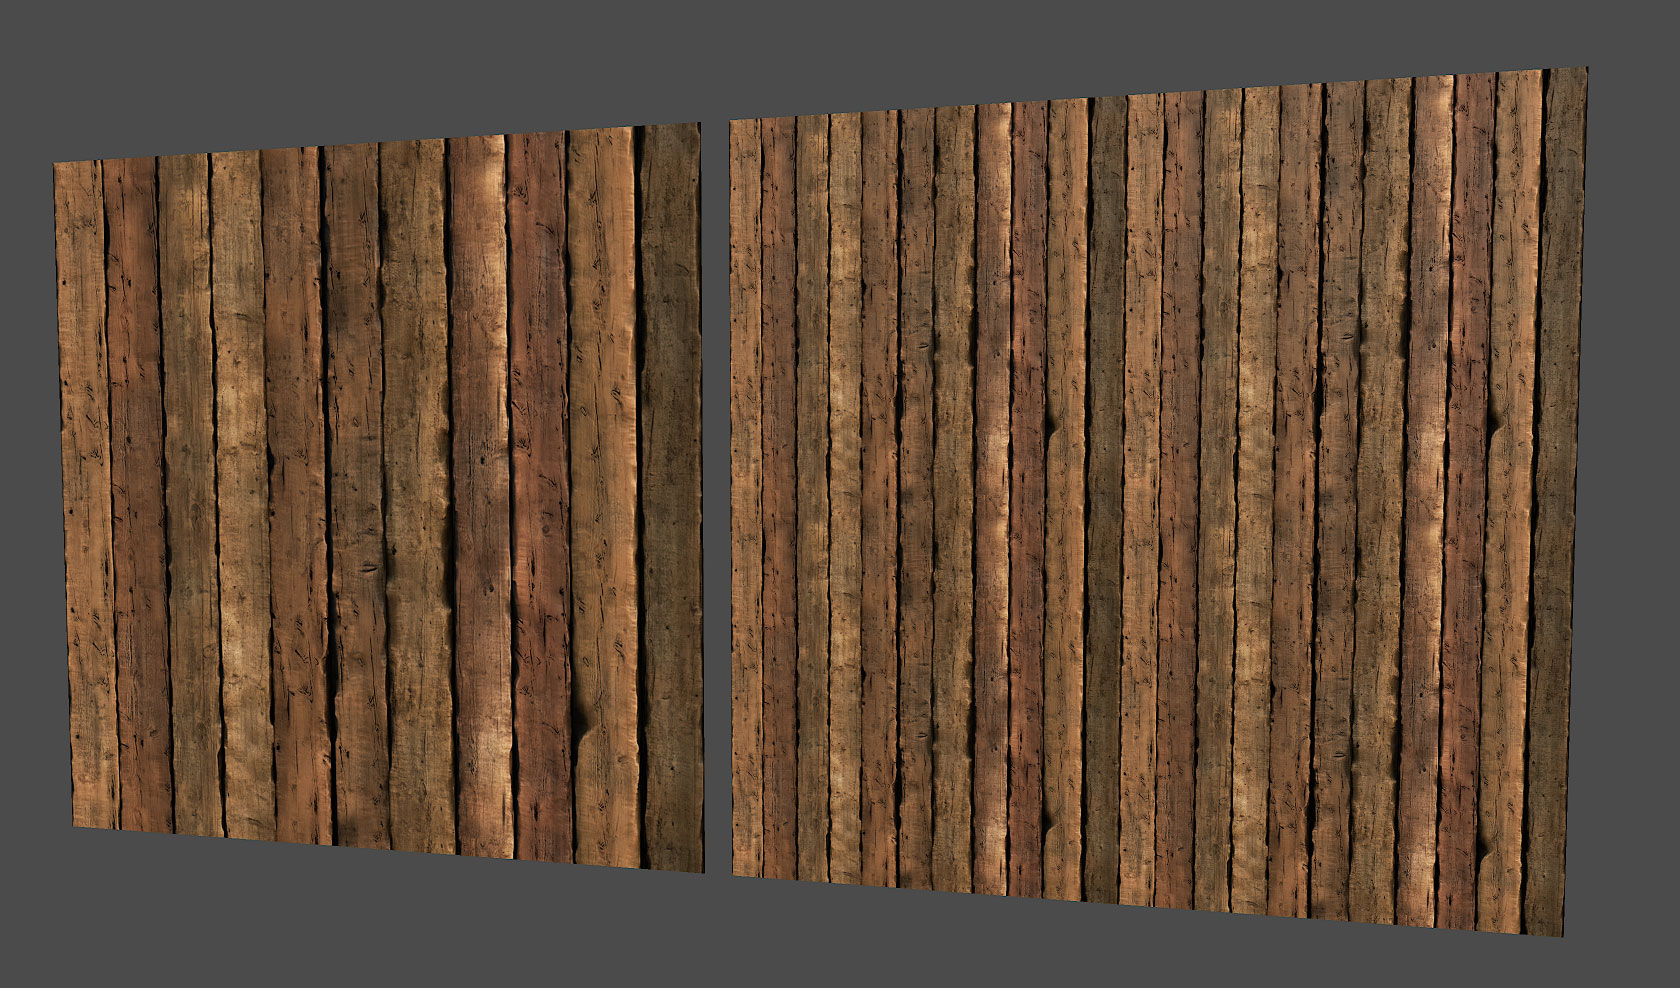 20120821_wood_wall_02.jpg